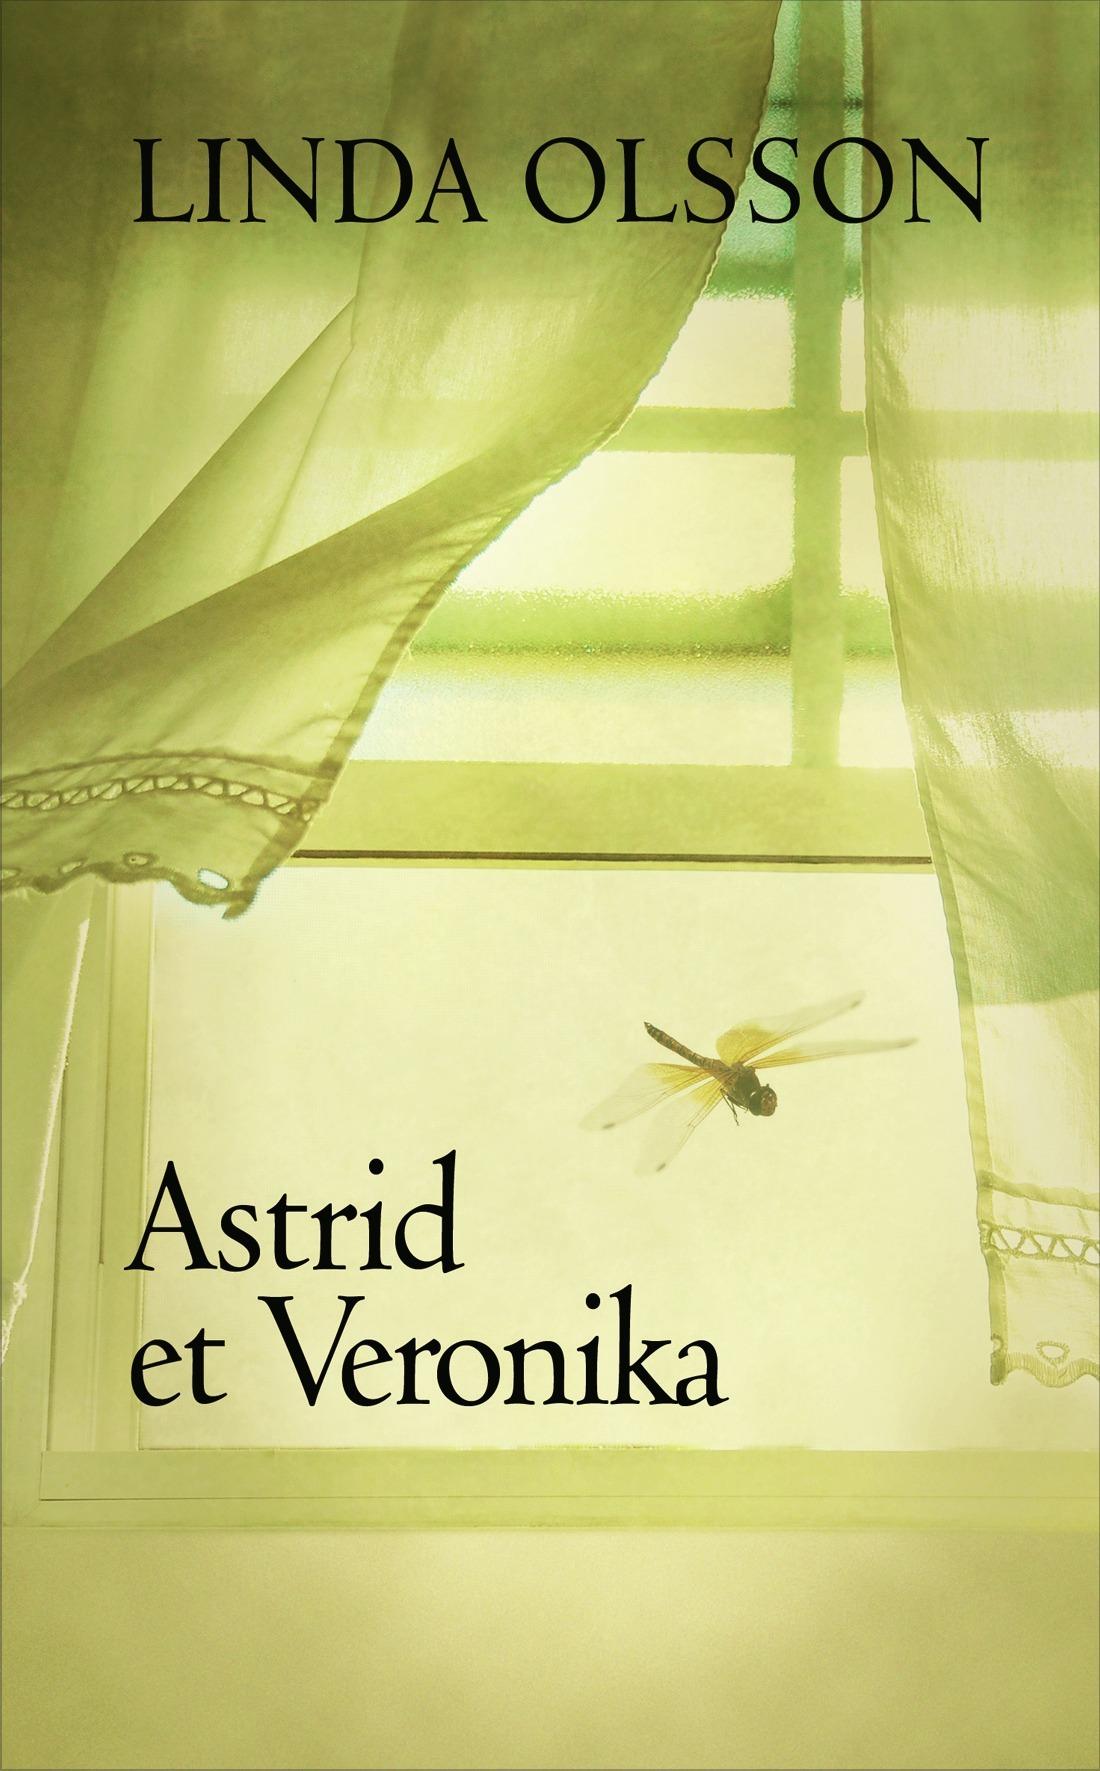 Astrid et veronika